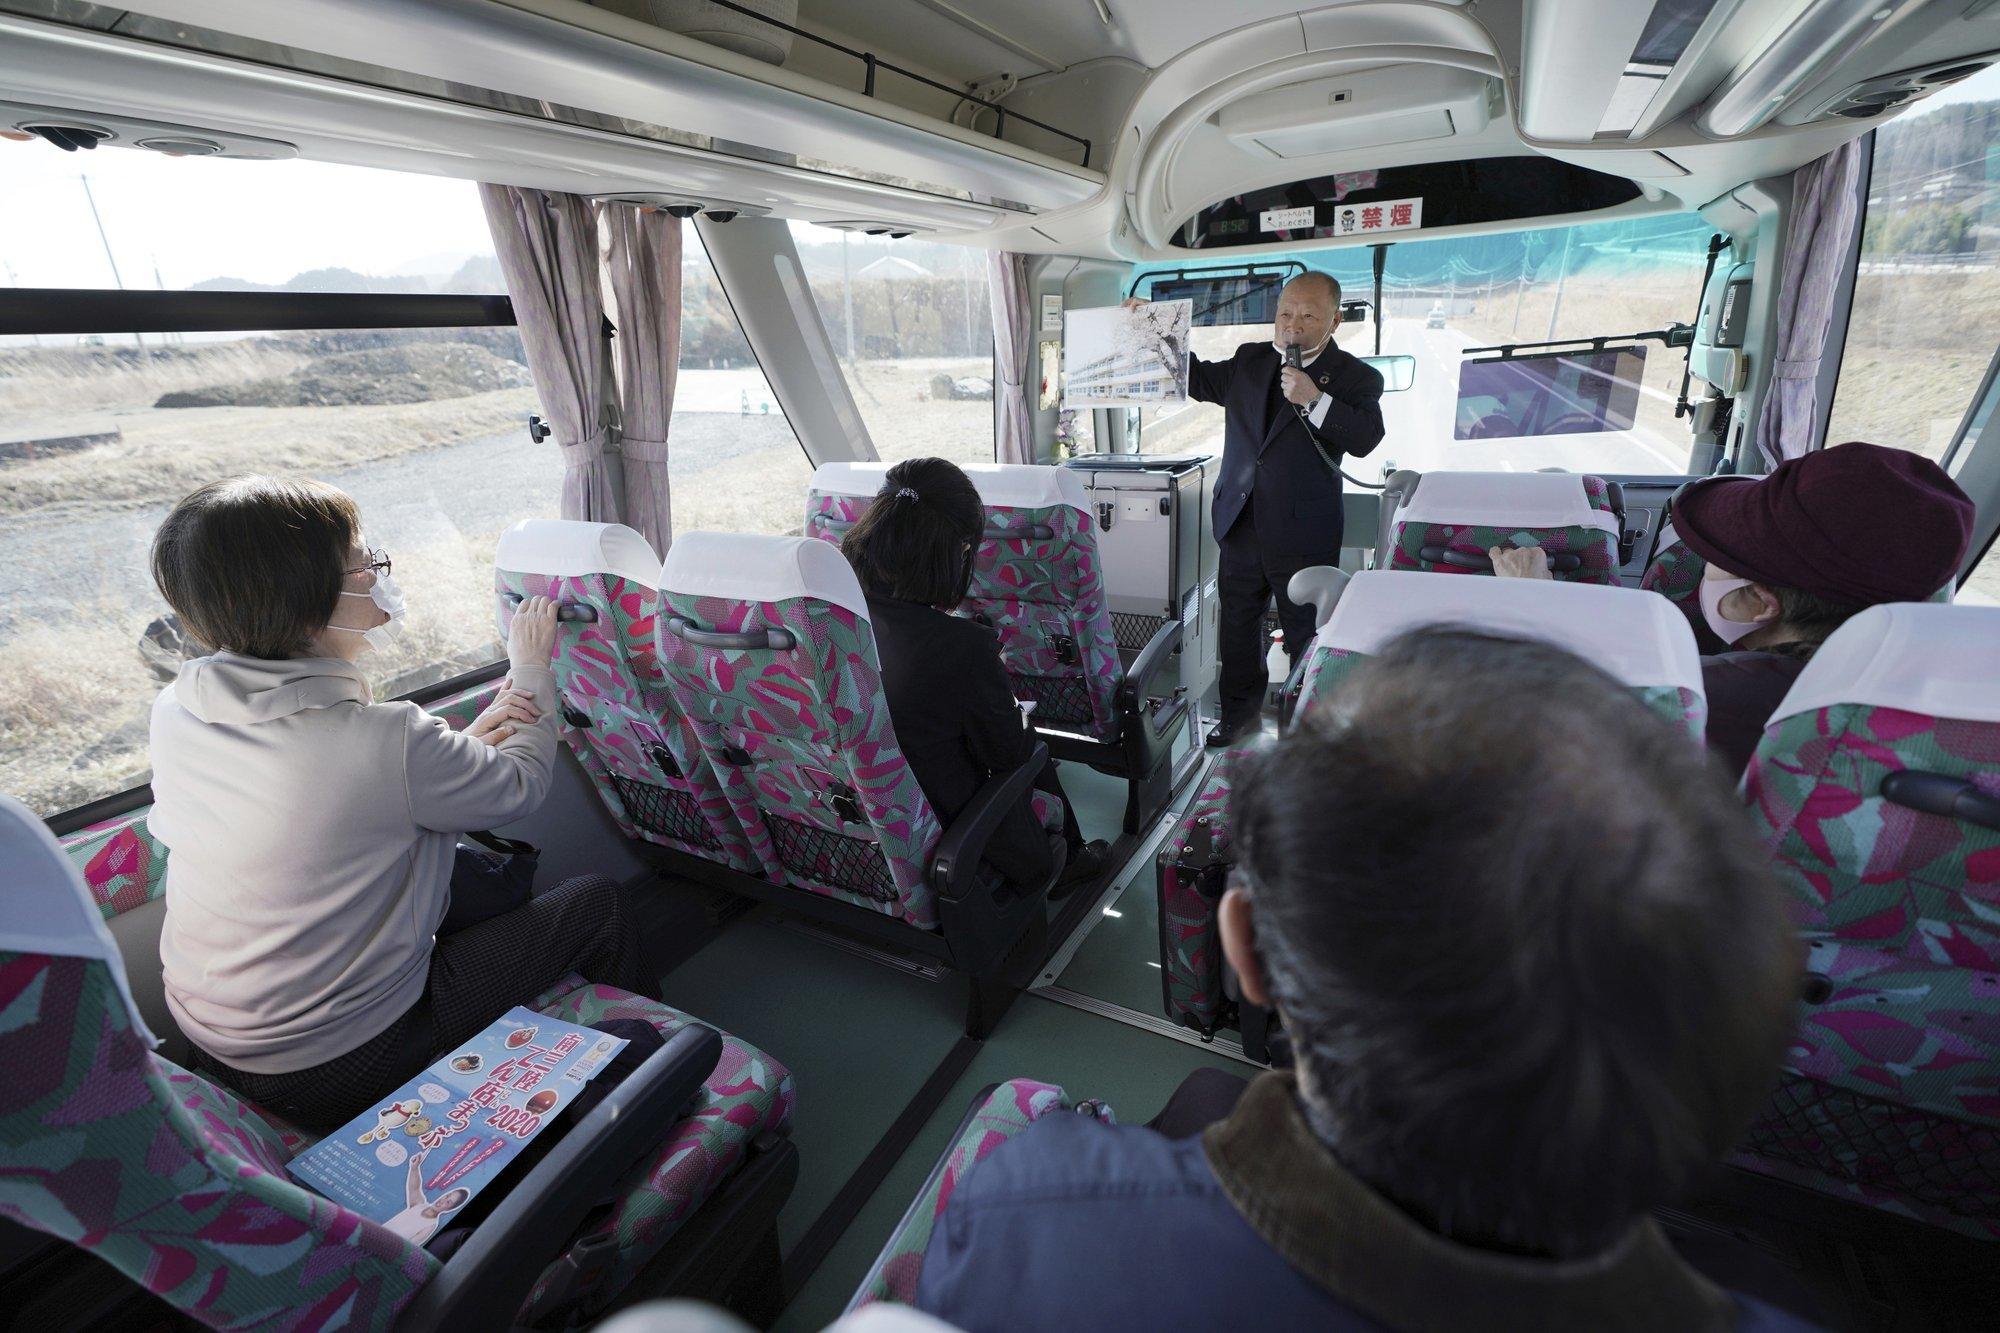 10 năm sau thảm họa Fukushima, người Nhật Bản vẫn cảm nhận được sự mất mát